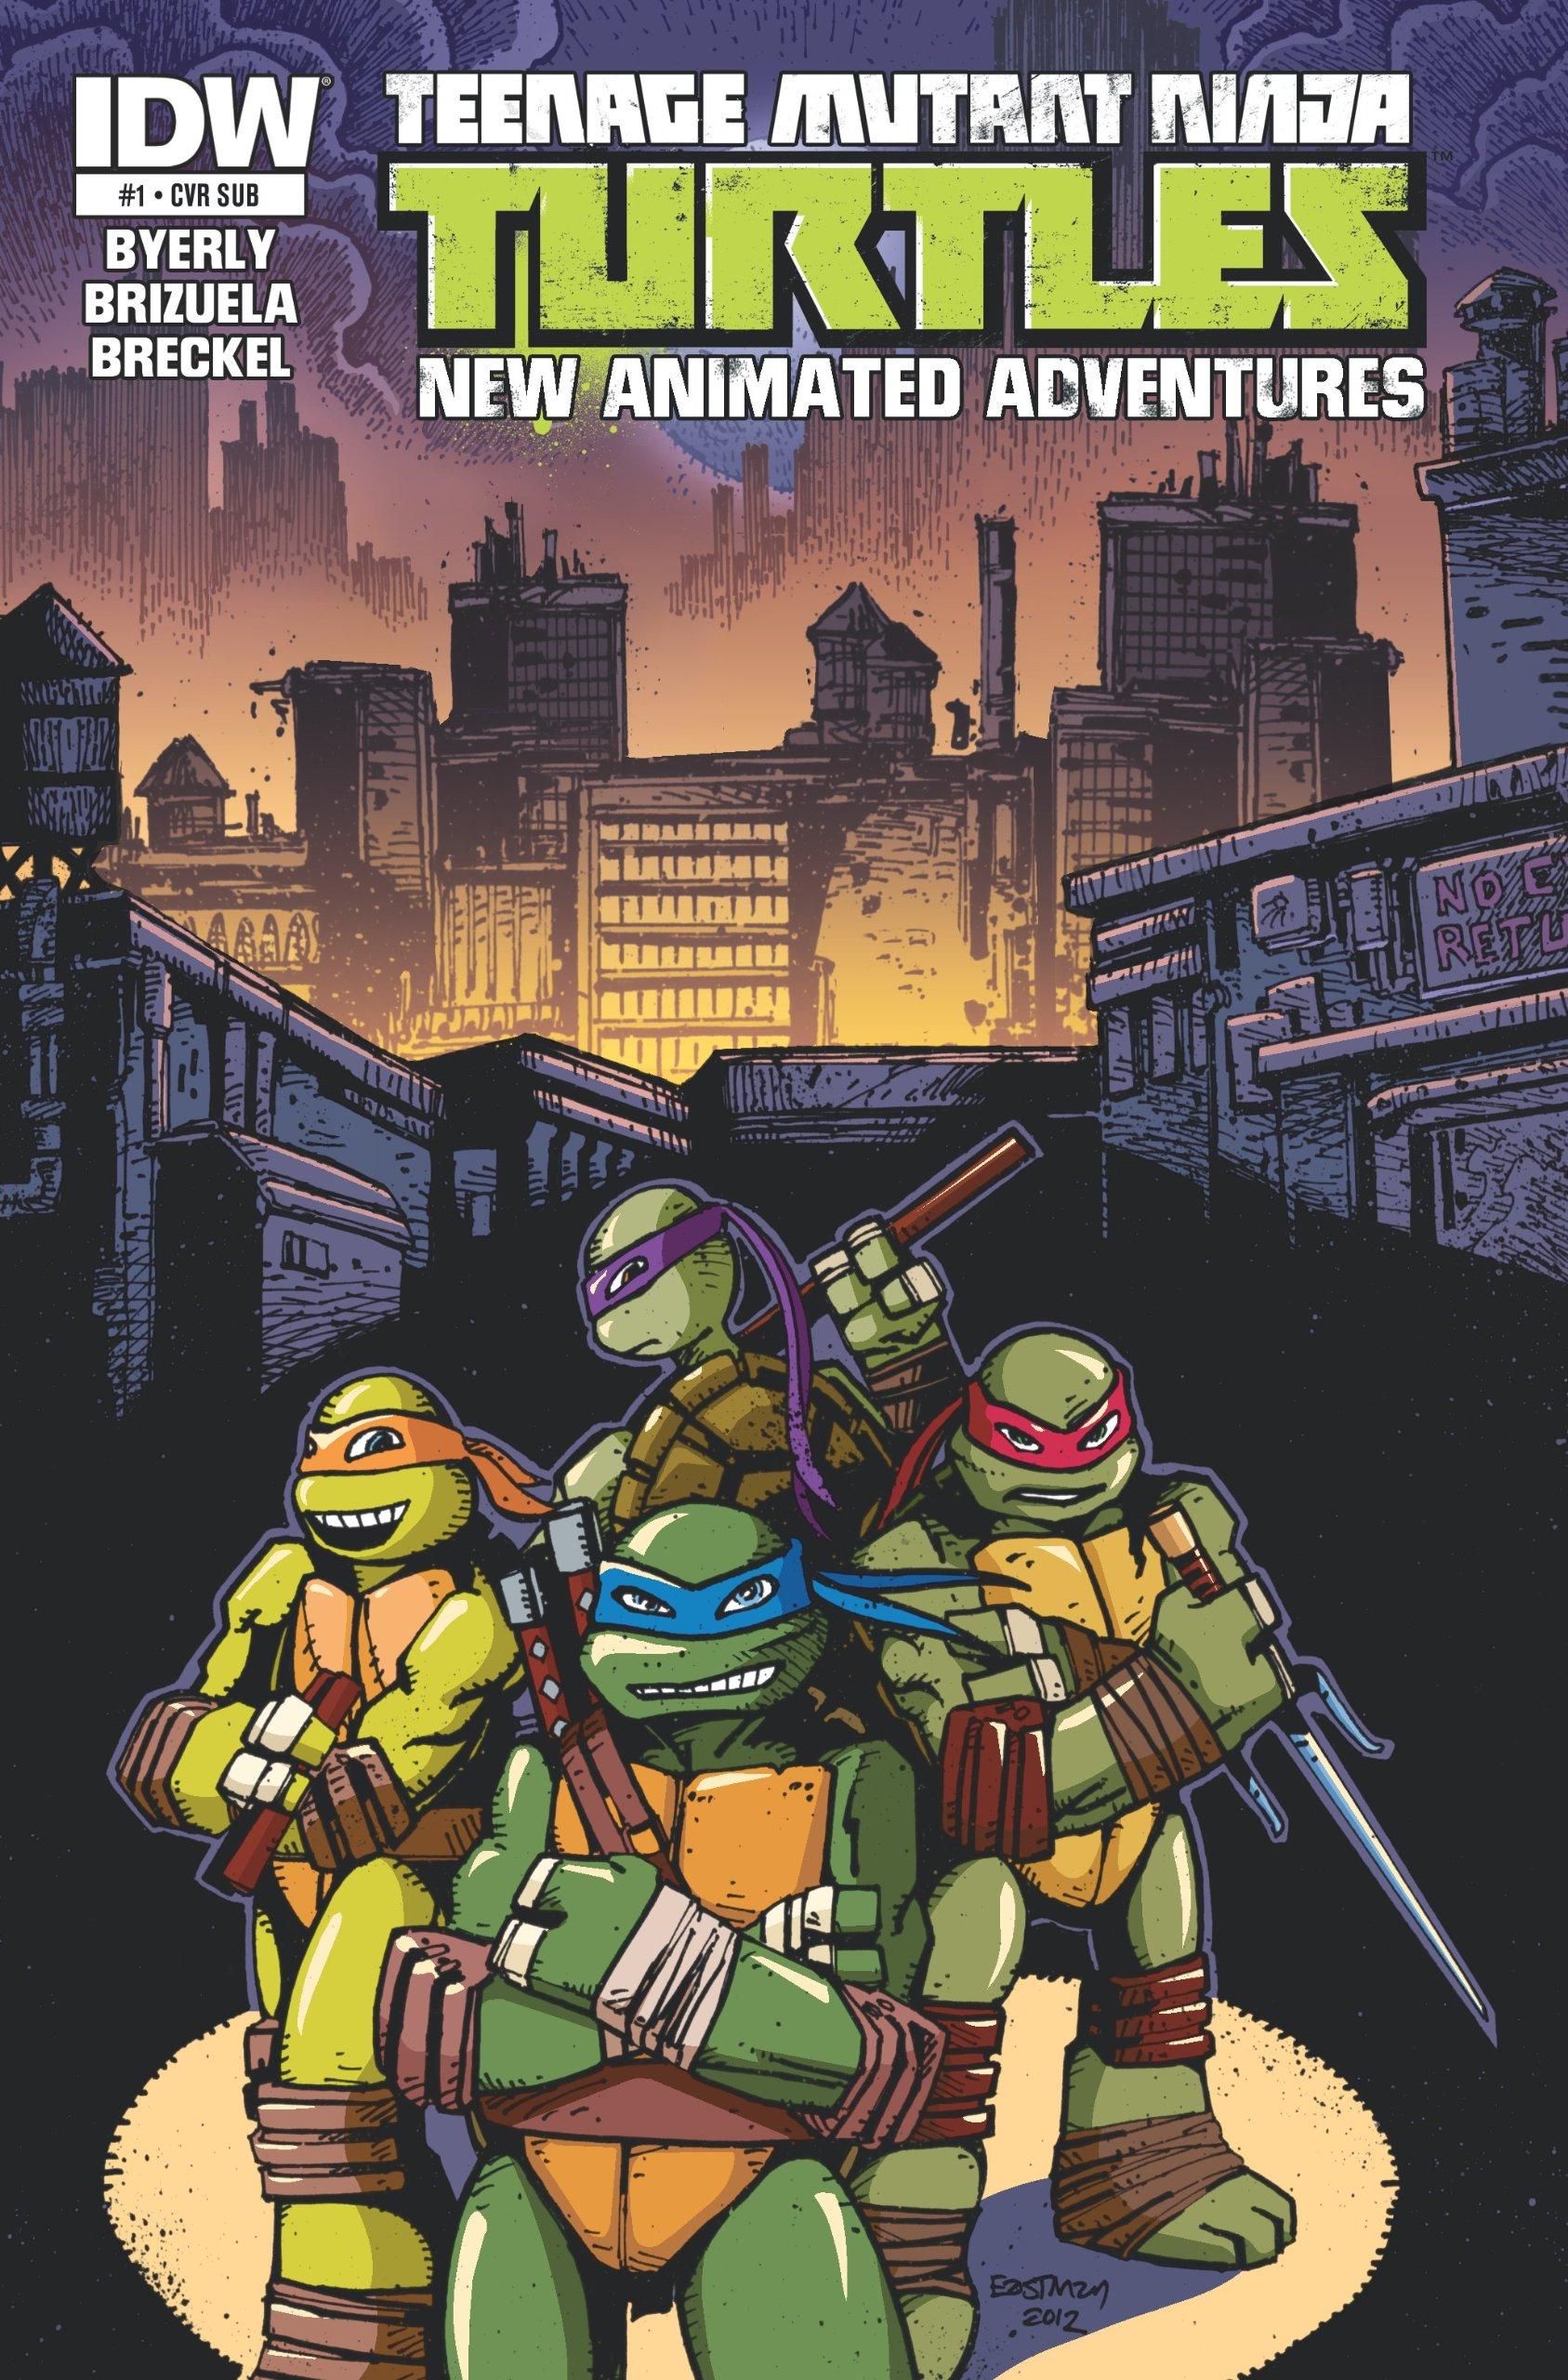 Teenage Mutant Ninja Turtles New Animated Adventures #1 ...